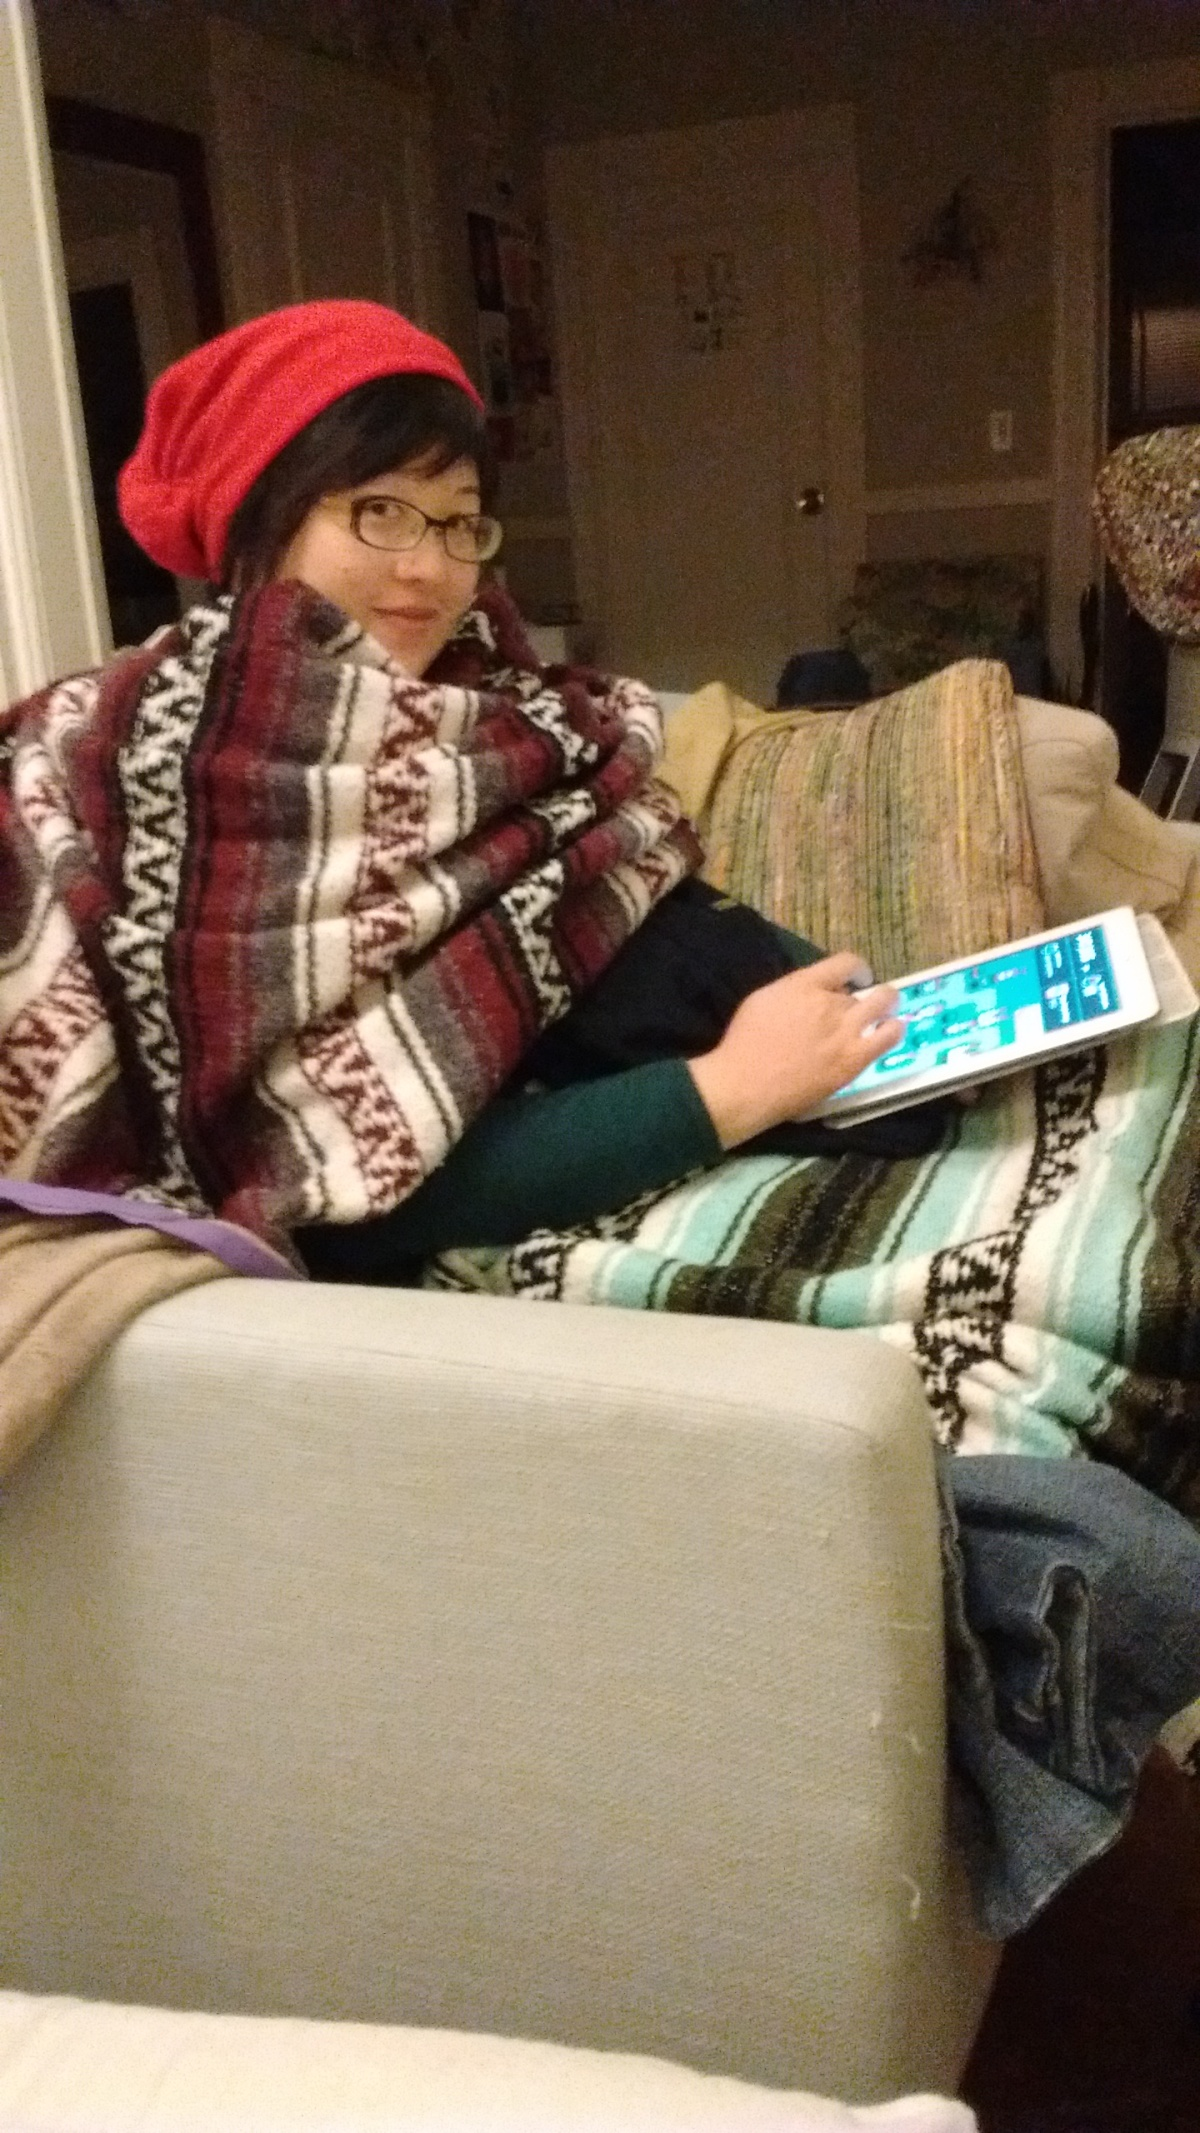 Lisa keeping warm